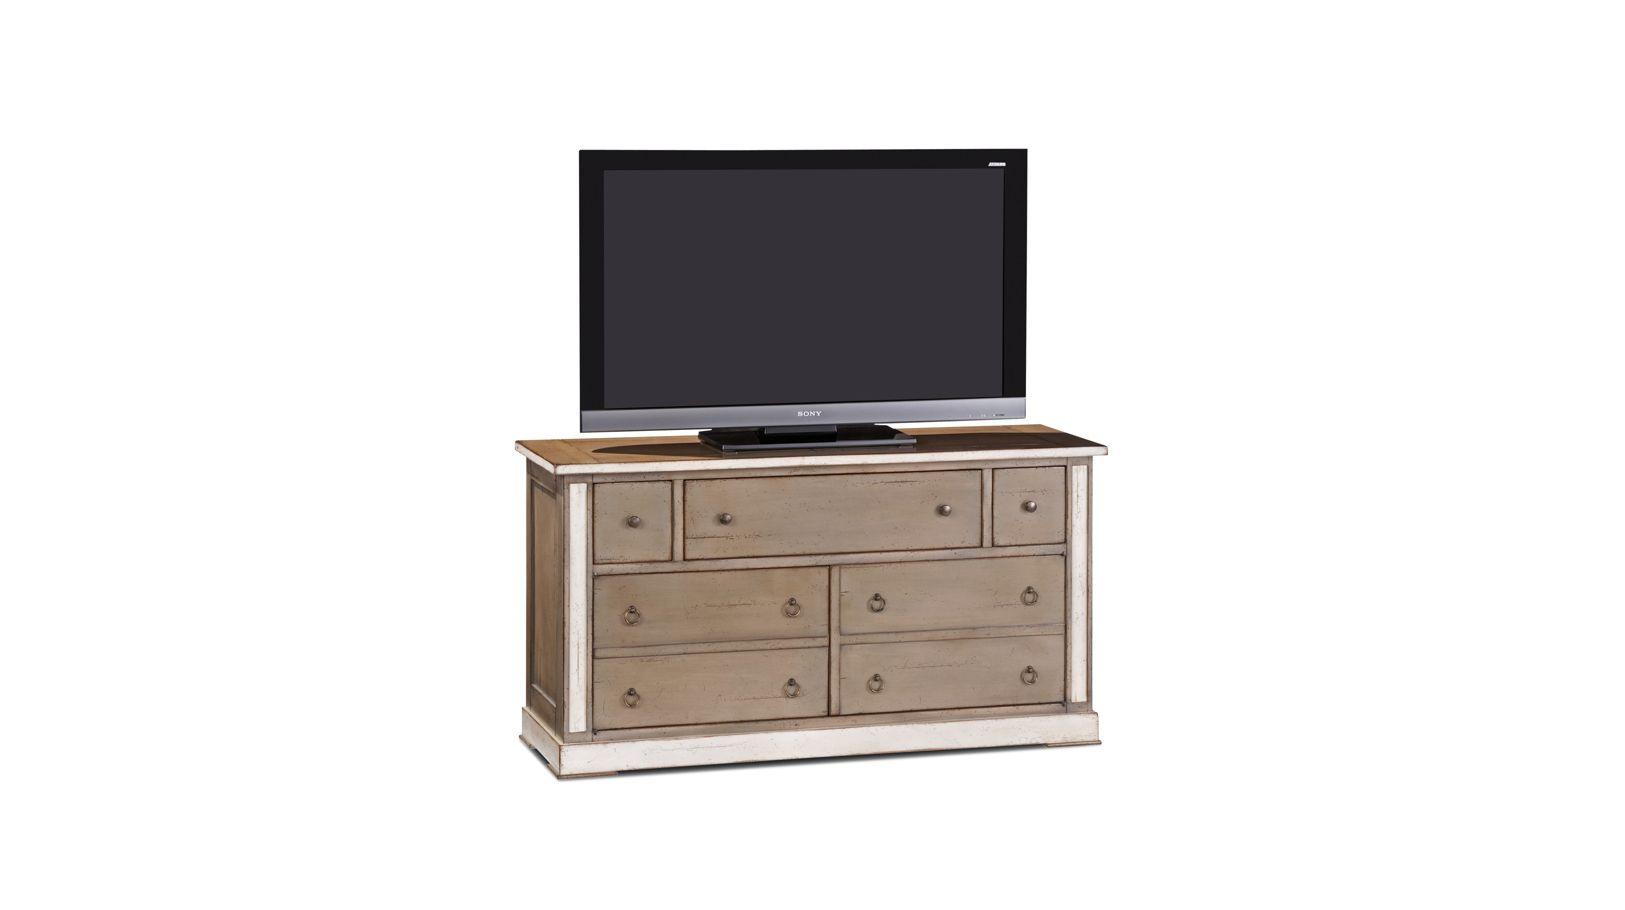 hauteville meuble tv collection nouveaux classiques. Black Bedroom Furniture Sets. Home Design Ideas